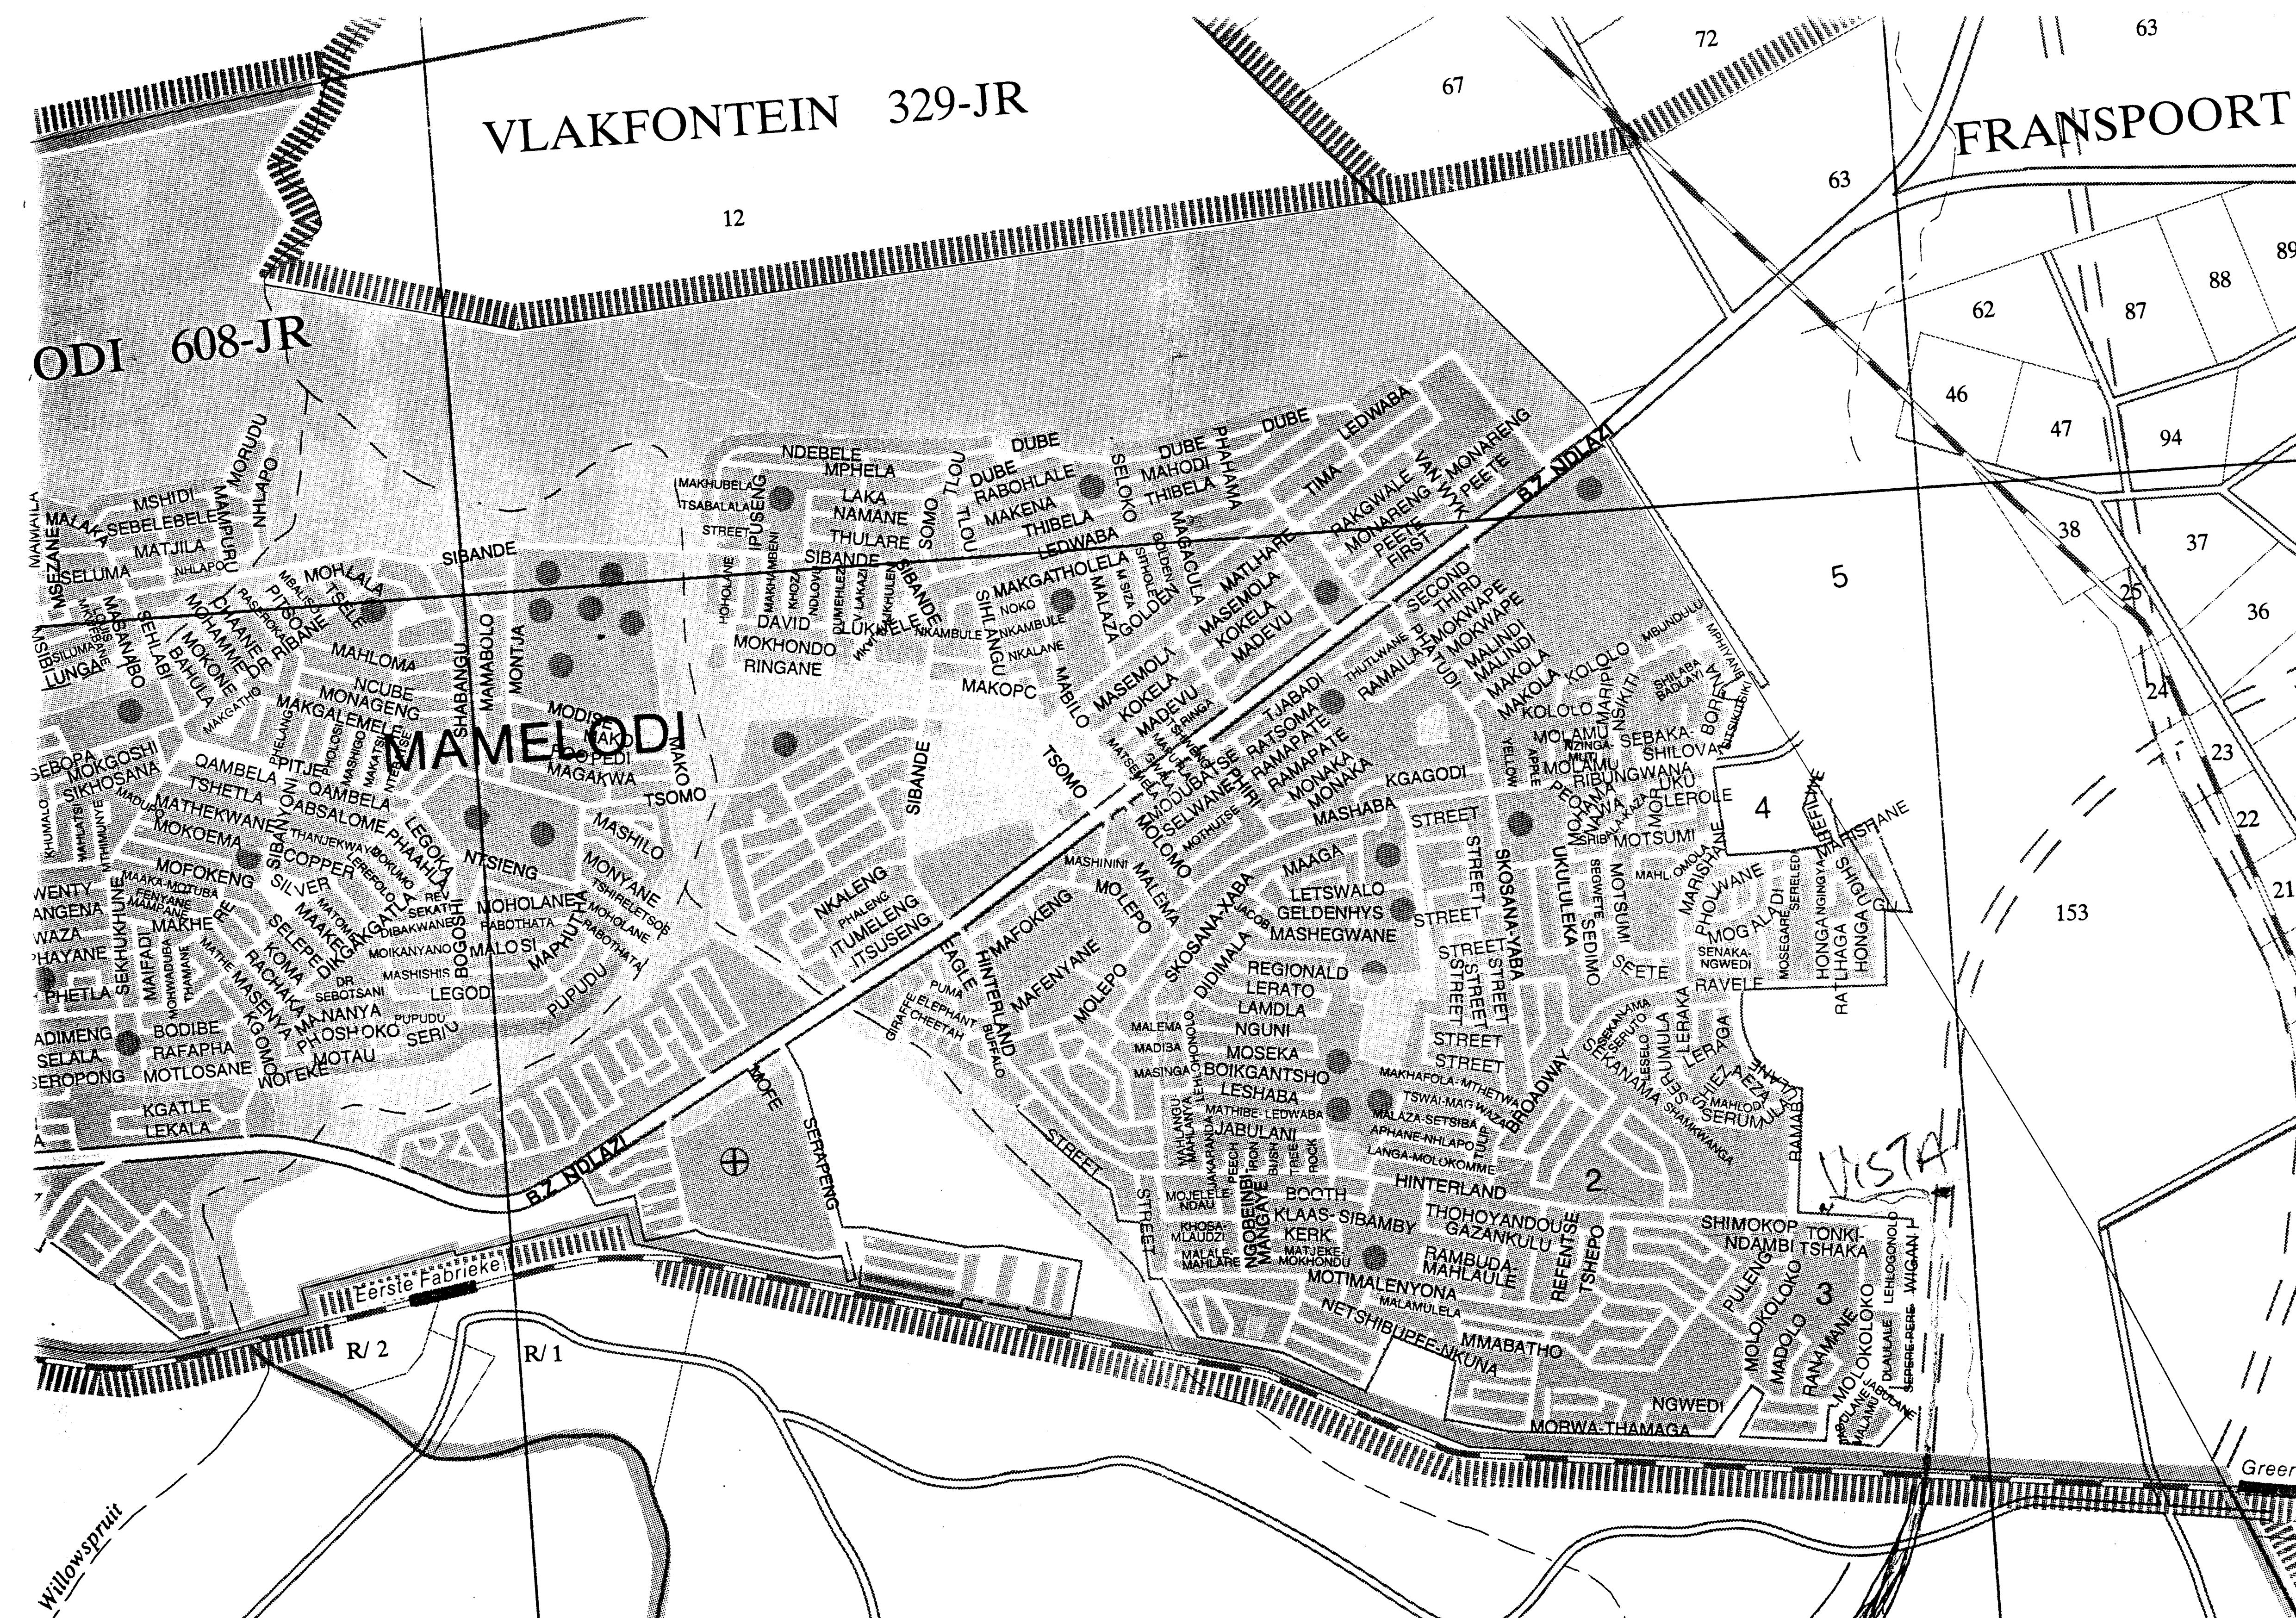 Mamelodi maps